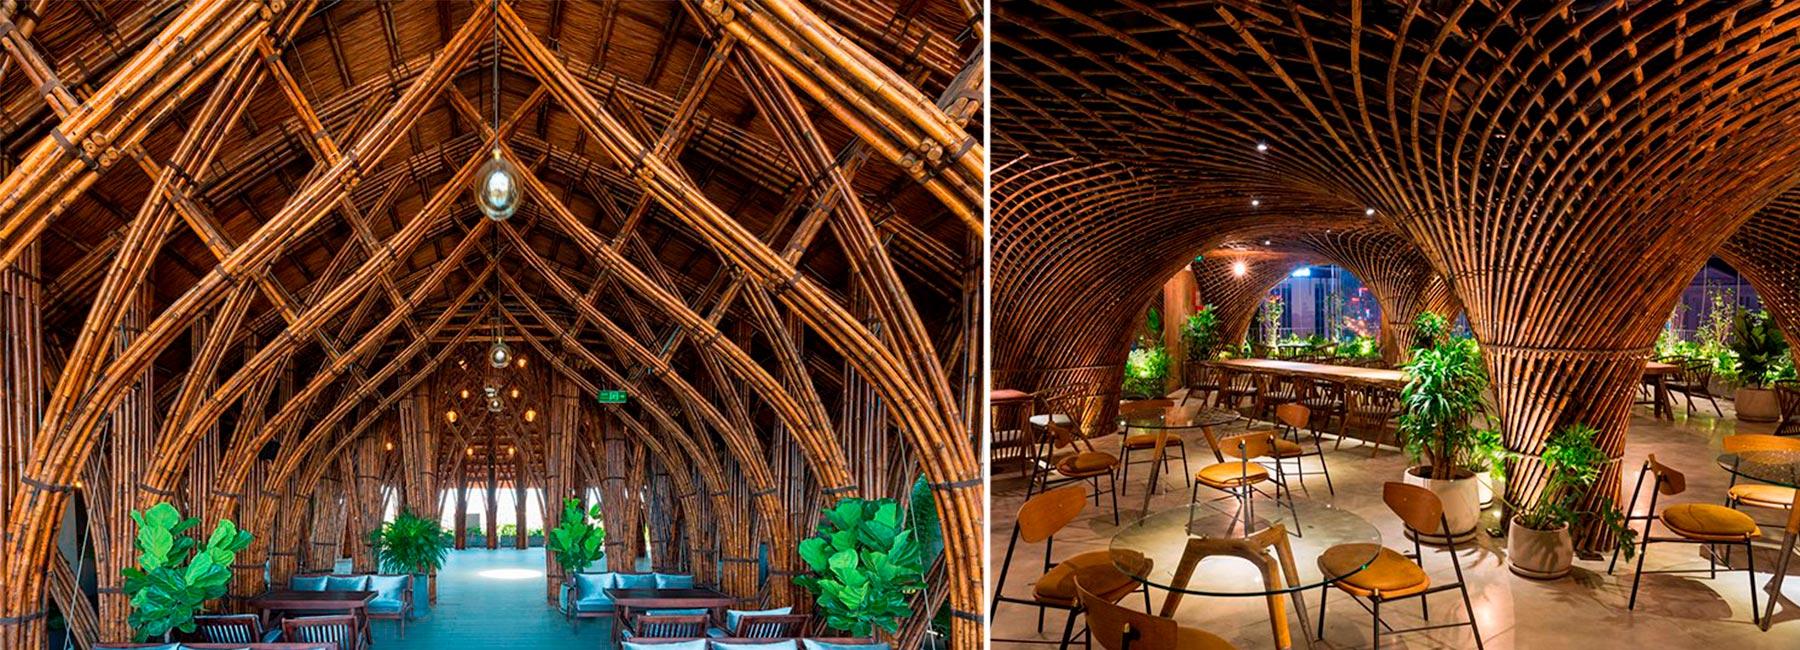 Бамбуковое кафе и клуб в центре Вьетнама по проекту VTN architects